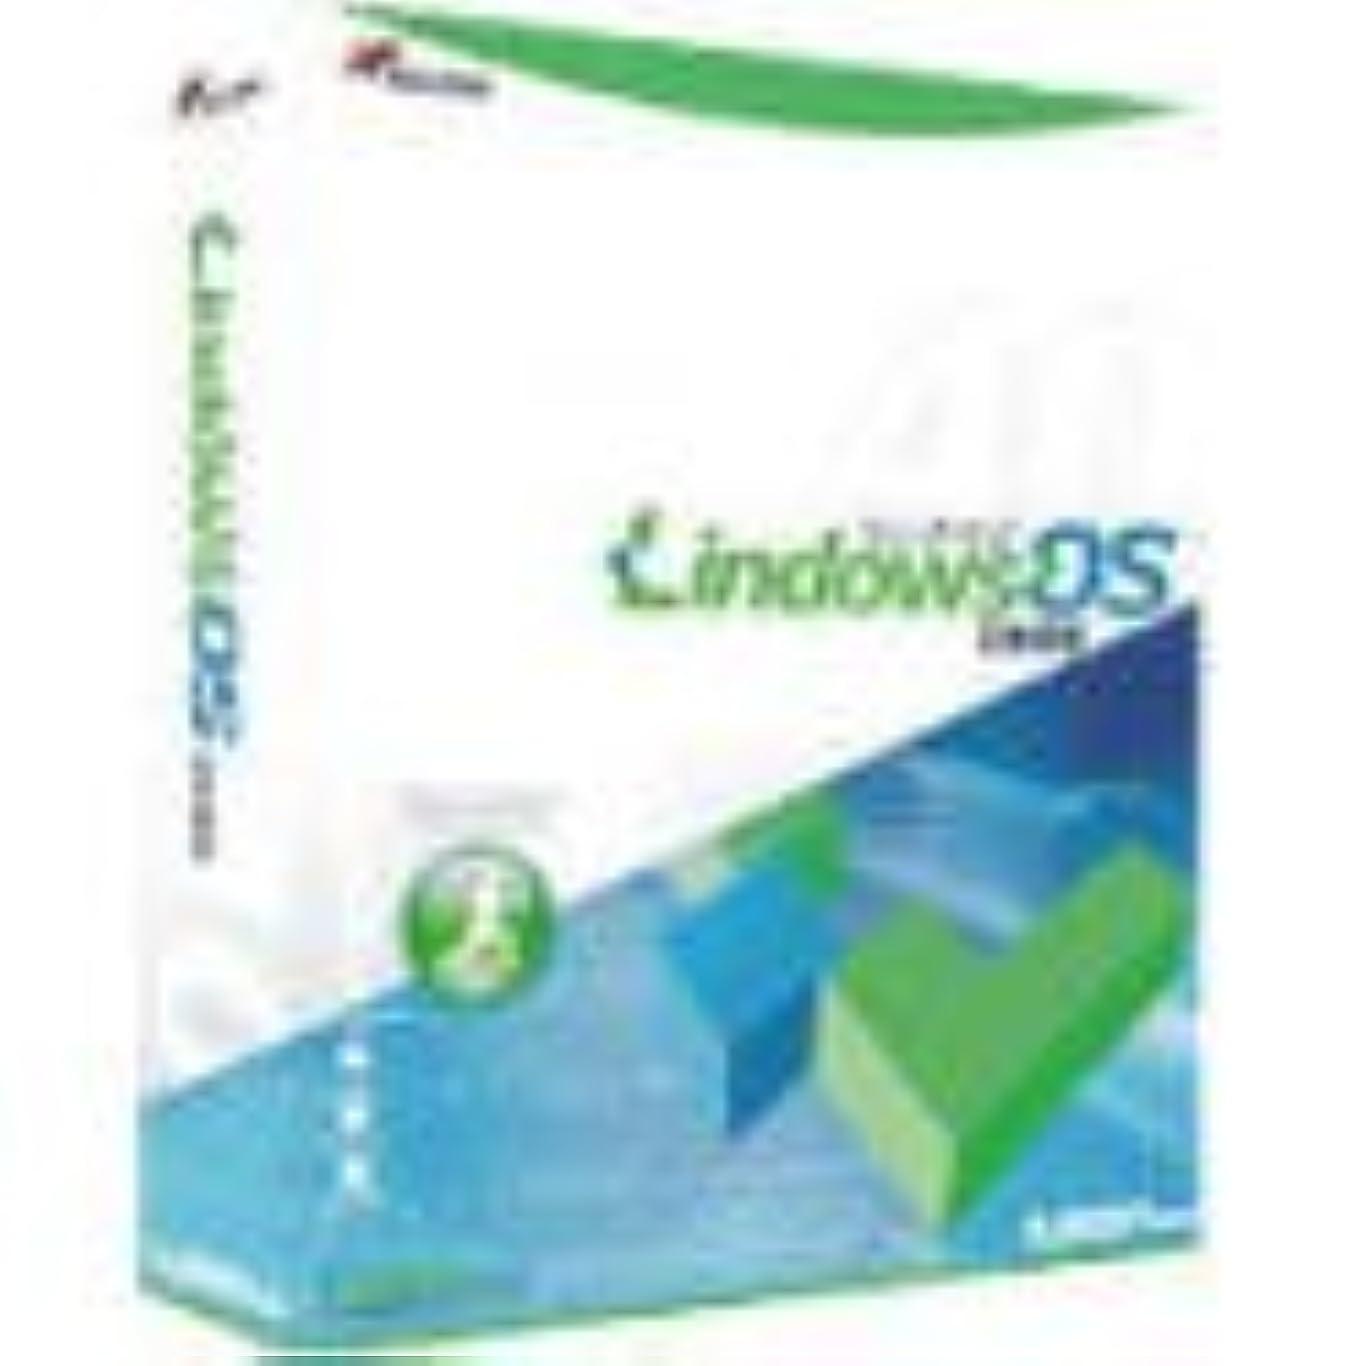 申し込む免疫積極的にLindowsOS 4.0 日本語版